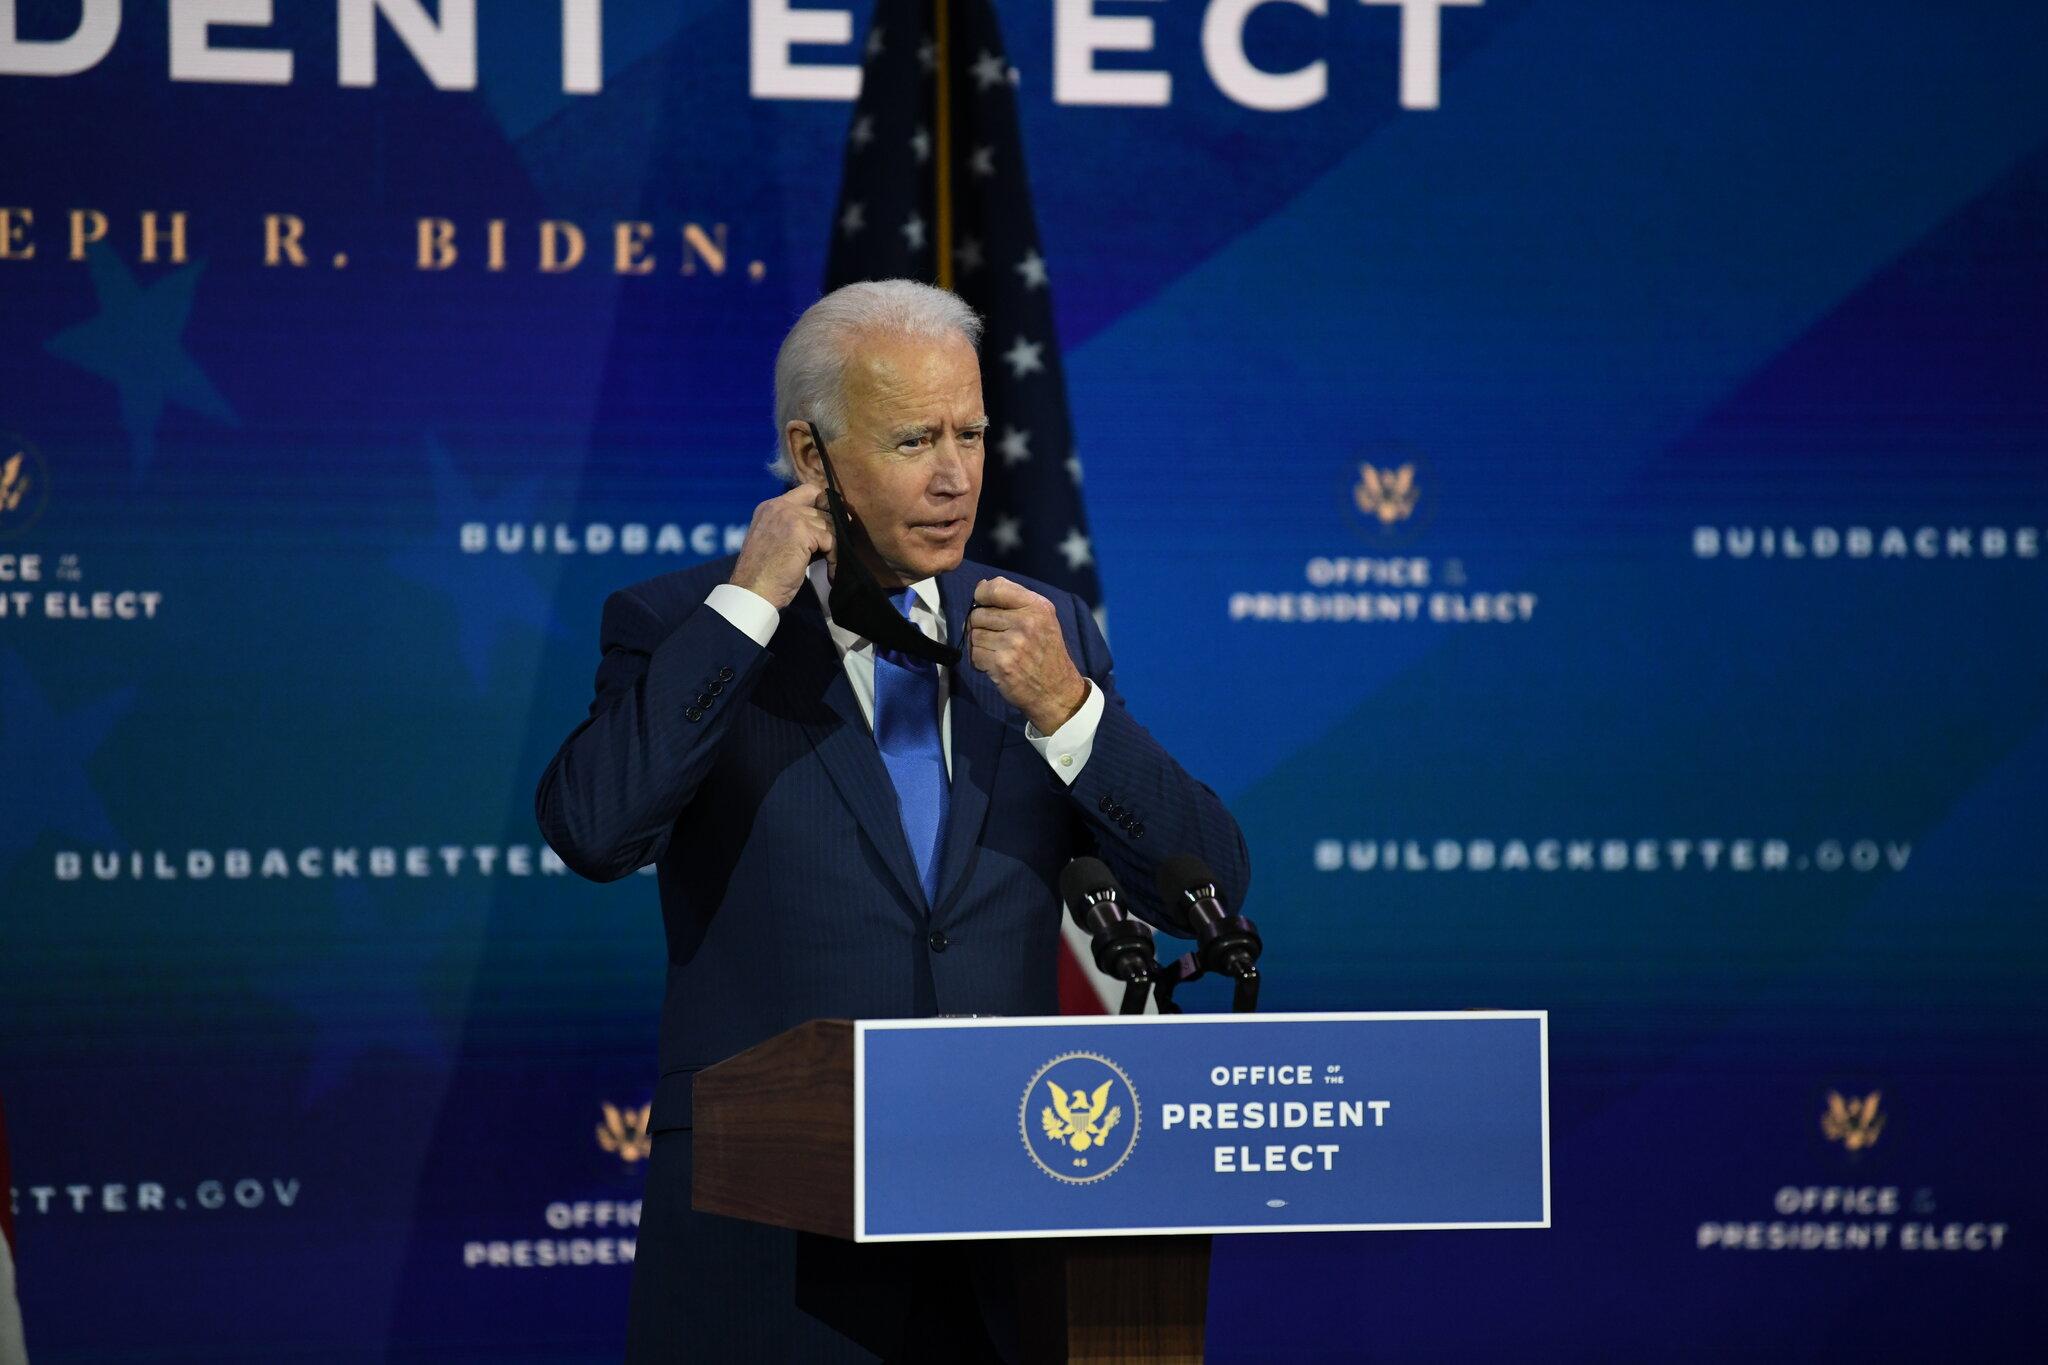 Biden anunciou a primeira medida para quando tomar posse: pedir aos americanos para usarem máscara durante 100 dias